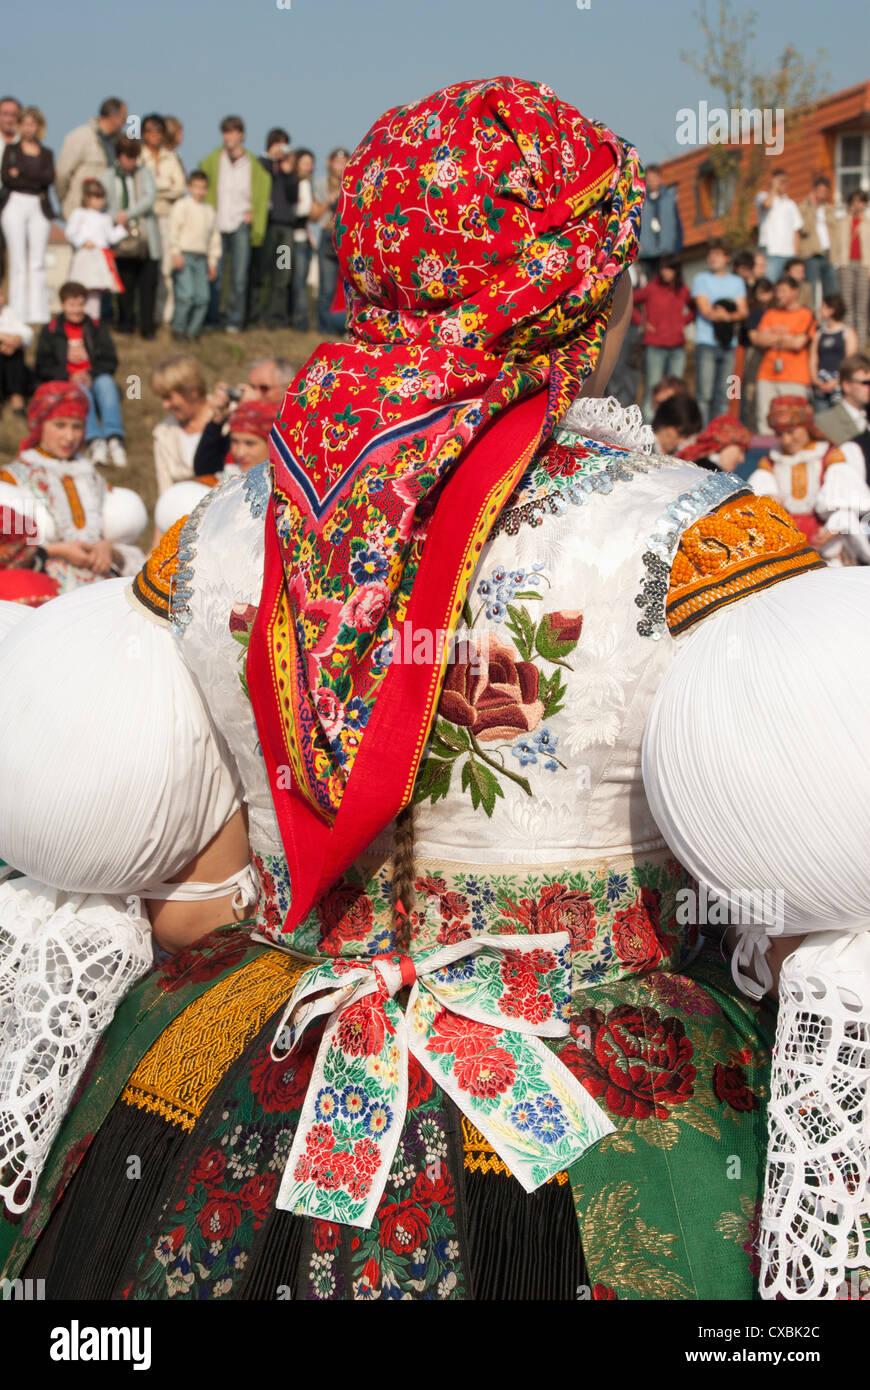 Donna che indossa abiti folcloristici durante la festa d'autunno Festival, Borsice, Brnensko, Repubblica Ceca, Immagini Stock